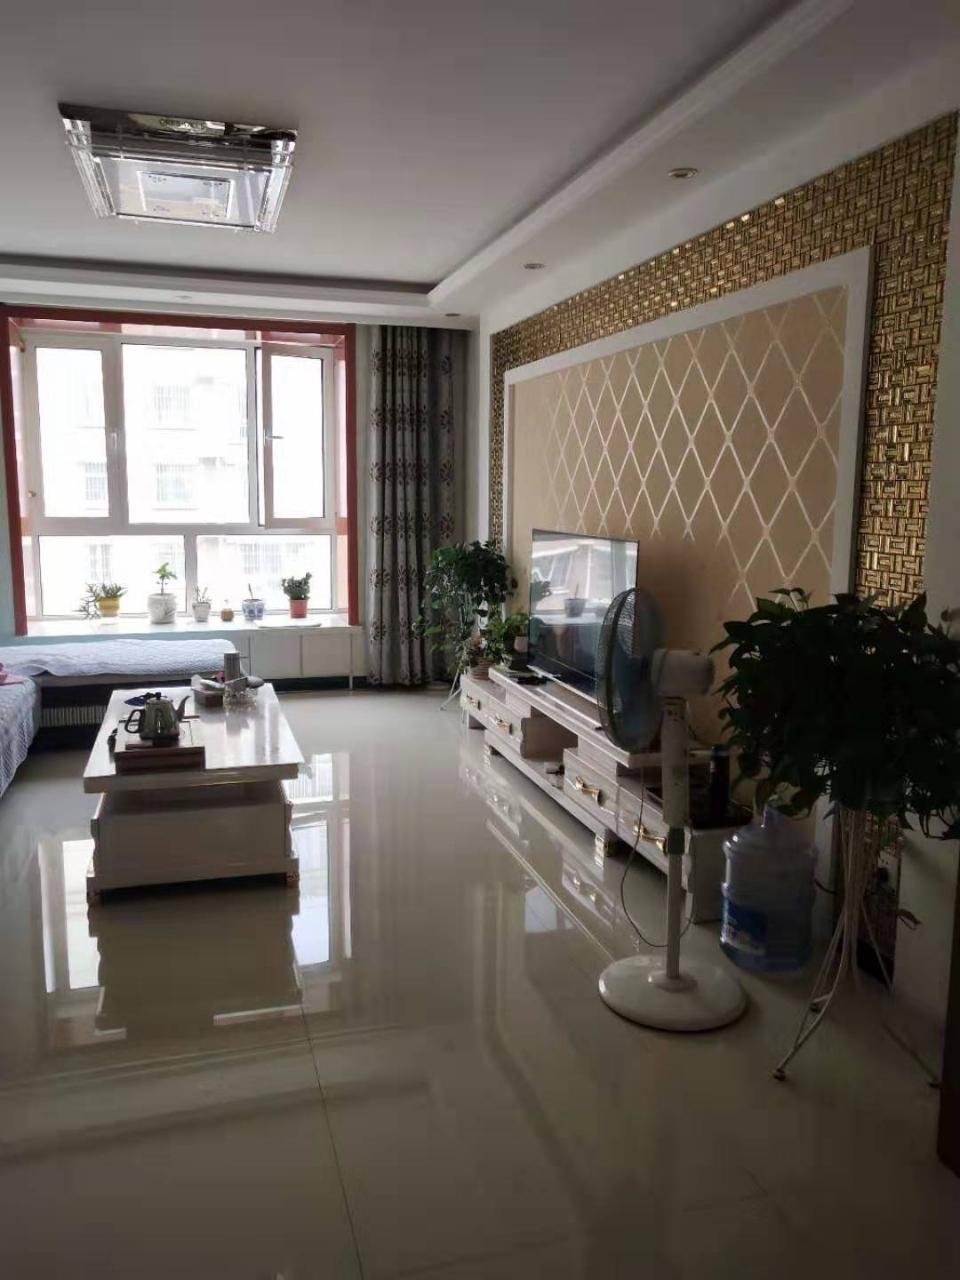 亿鑫唐朝,好楼层精装修两居室仅售70万